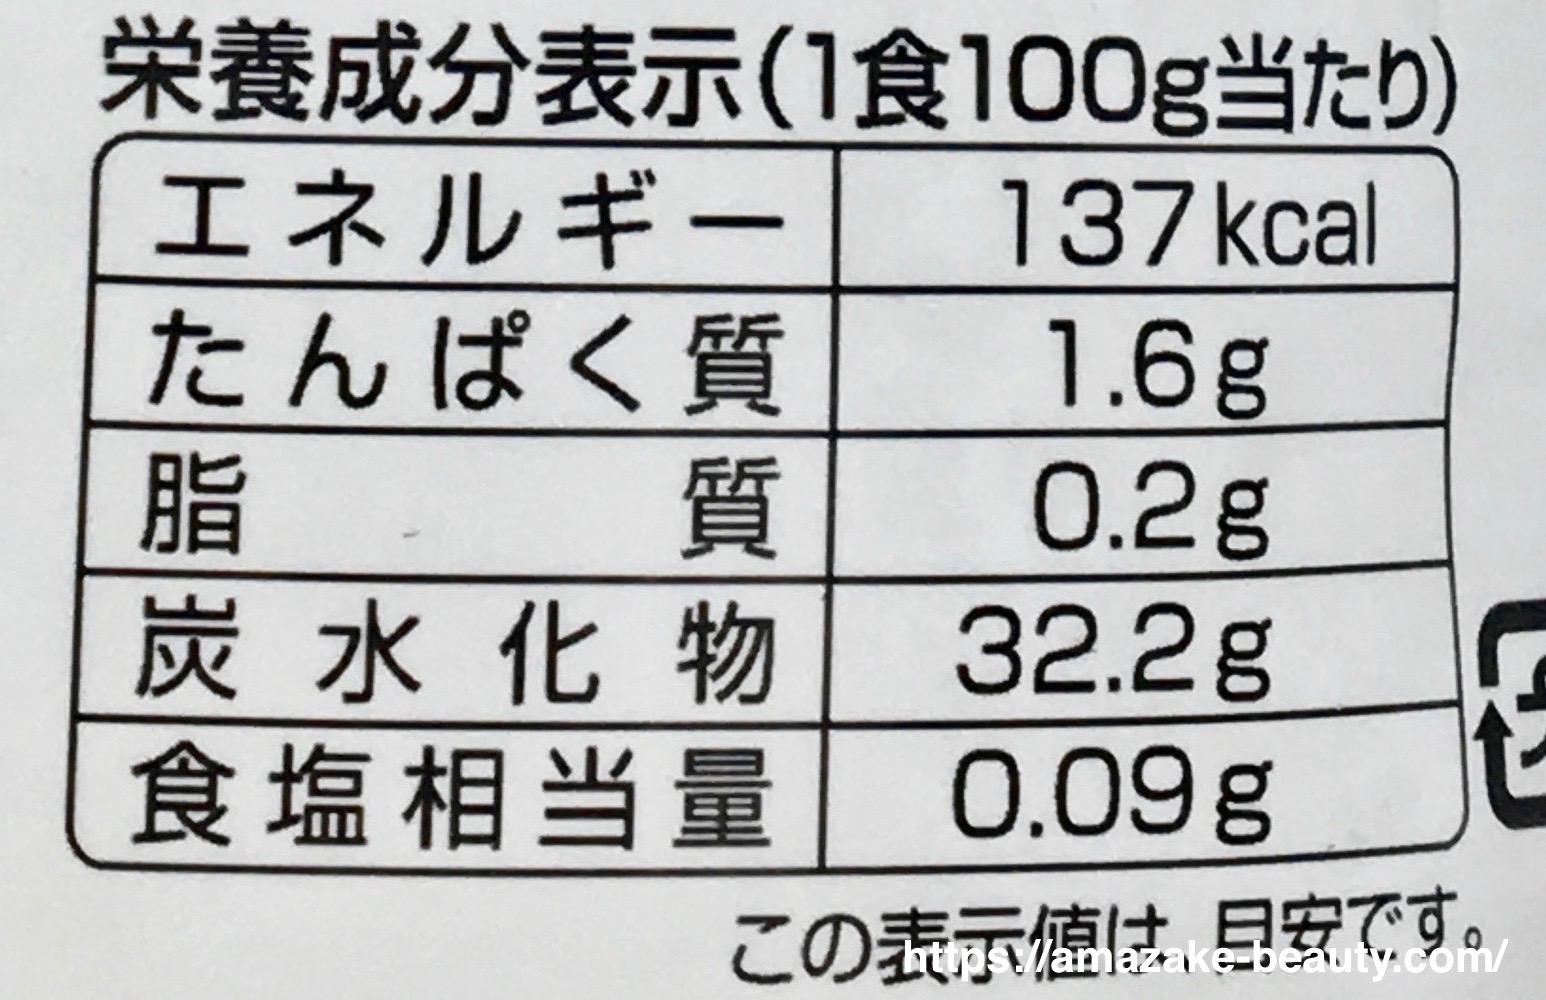 谷尾食糧工業 『凍らせて食べる甘酒バー』(栄養成分表示)